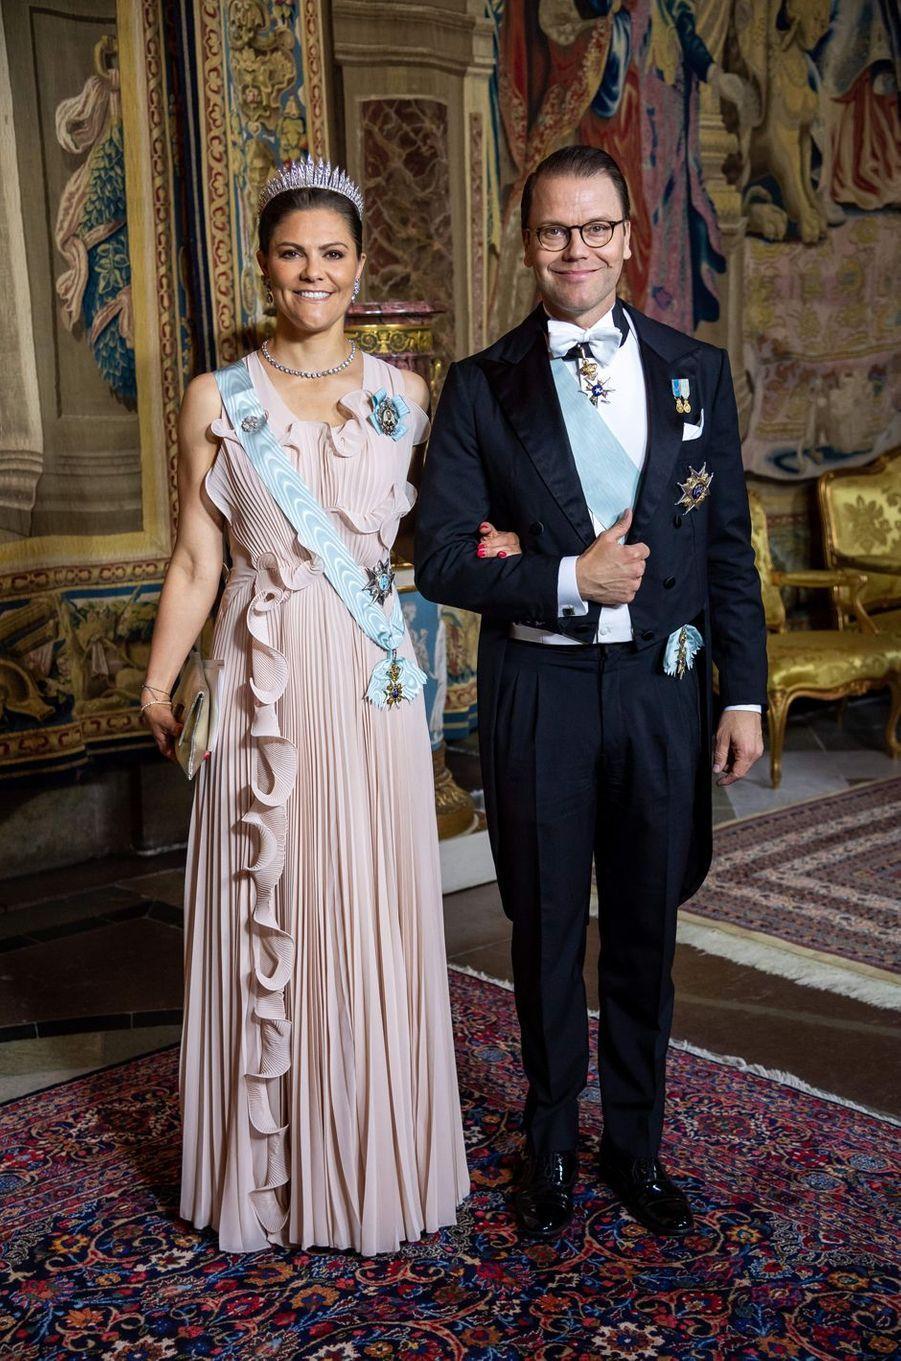 La princesse Victoria de Suède et le prince consort Daniel à Stockholm, le 31 mai 2018